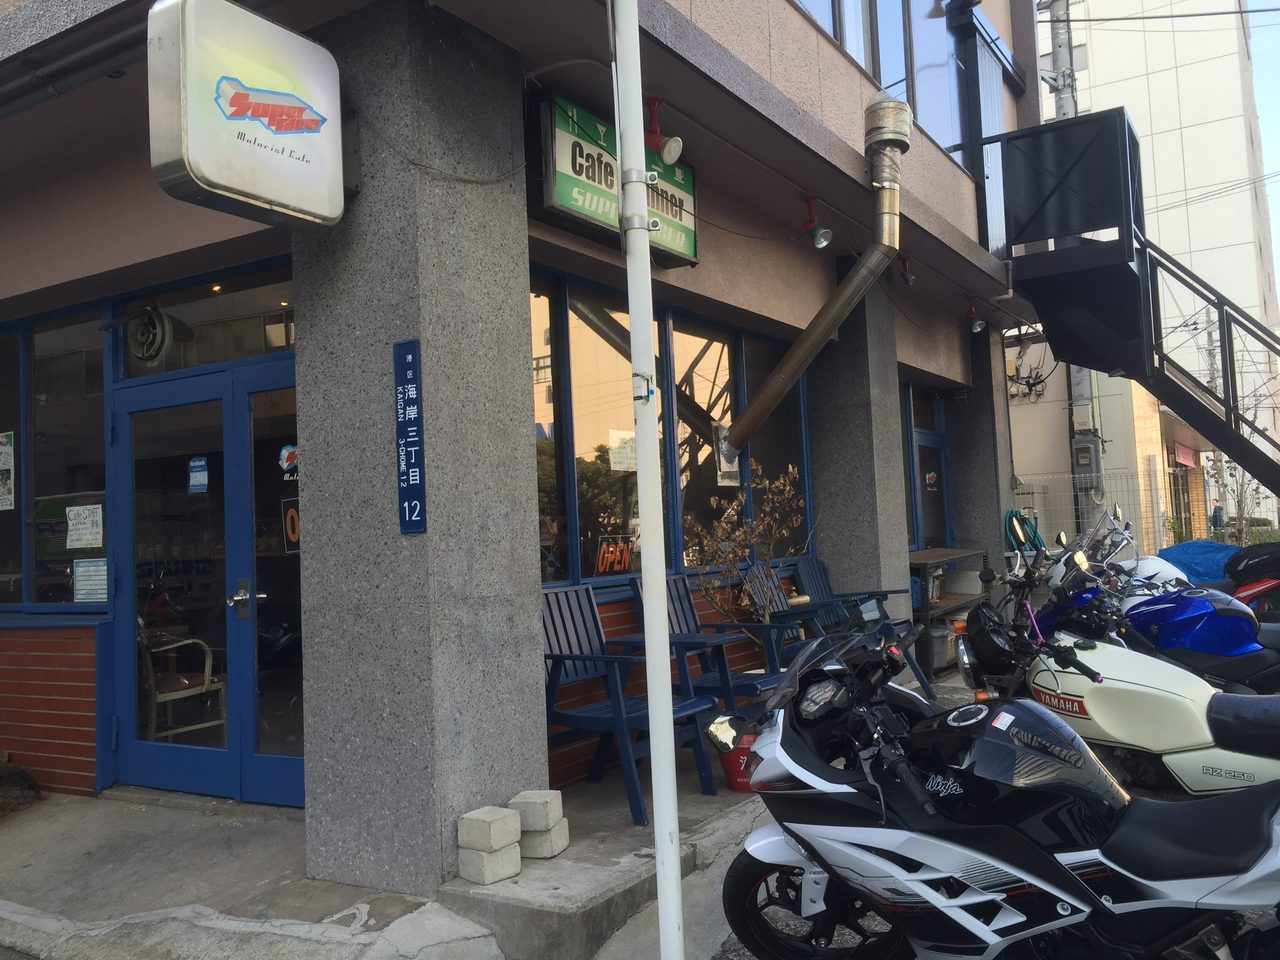 画像2: バイク乗りが集うカフェーMotorist Cafe Super Racer